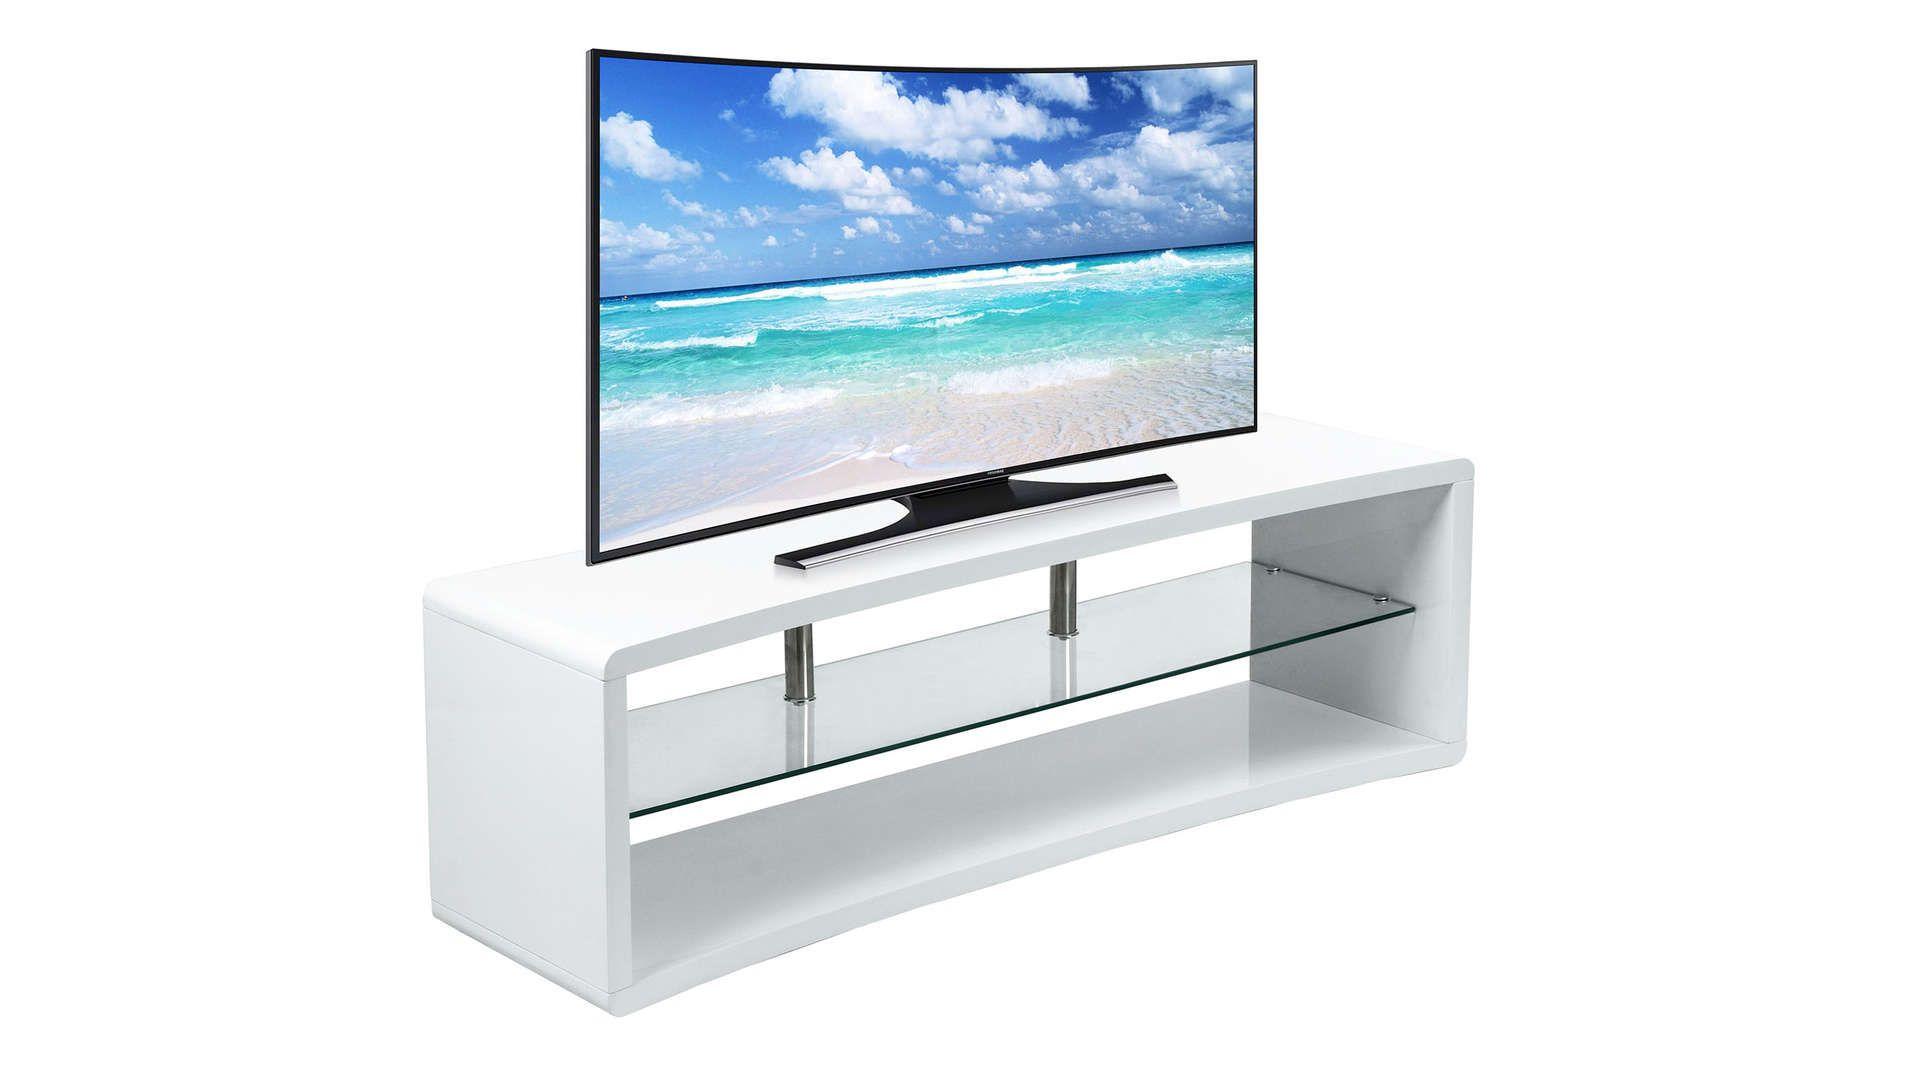 Meuble Tv 140 Cm Curve 2 Coloris Blanc En 2020 Meuble Tv Meuble